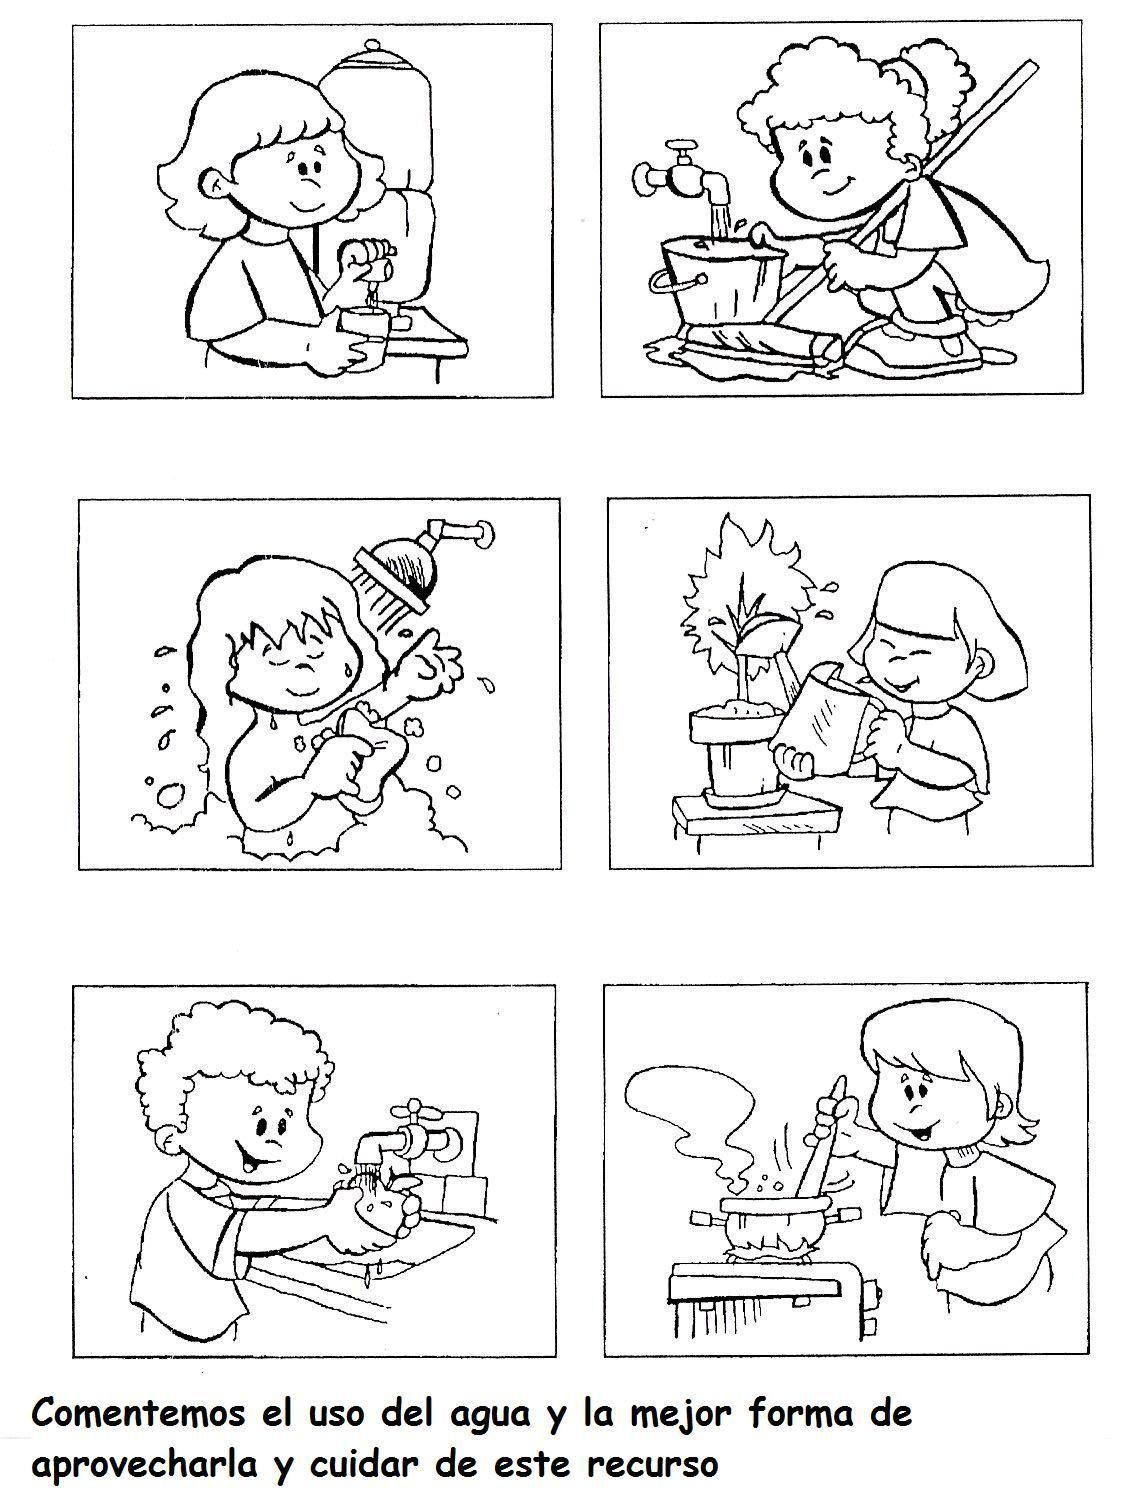 Information about Dibujos De Reutilizar - yousense.info